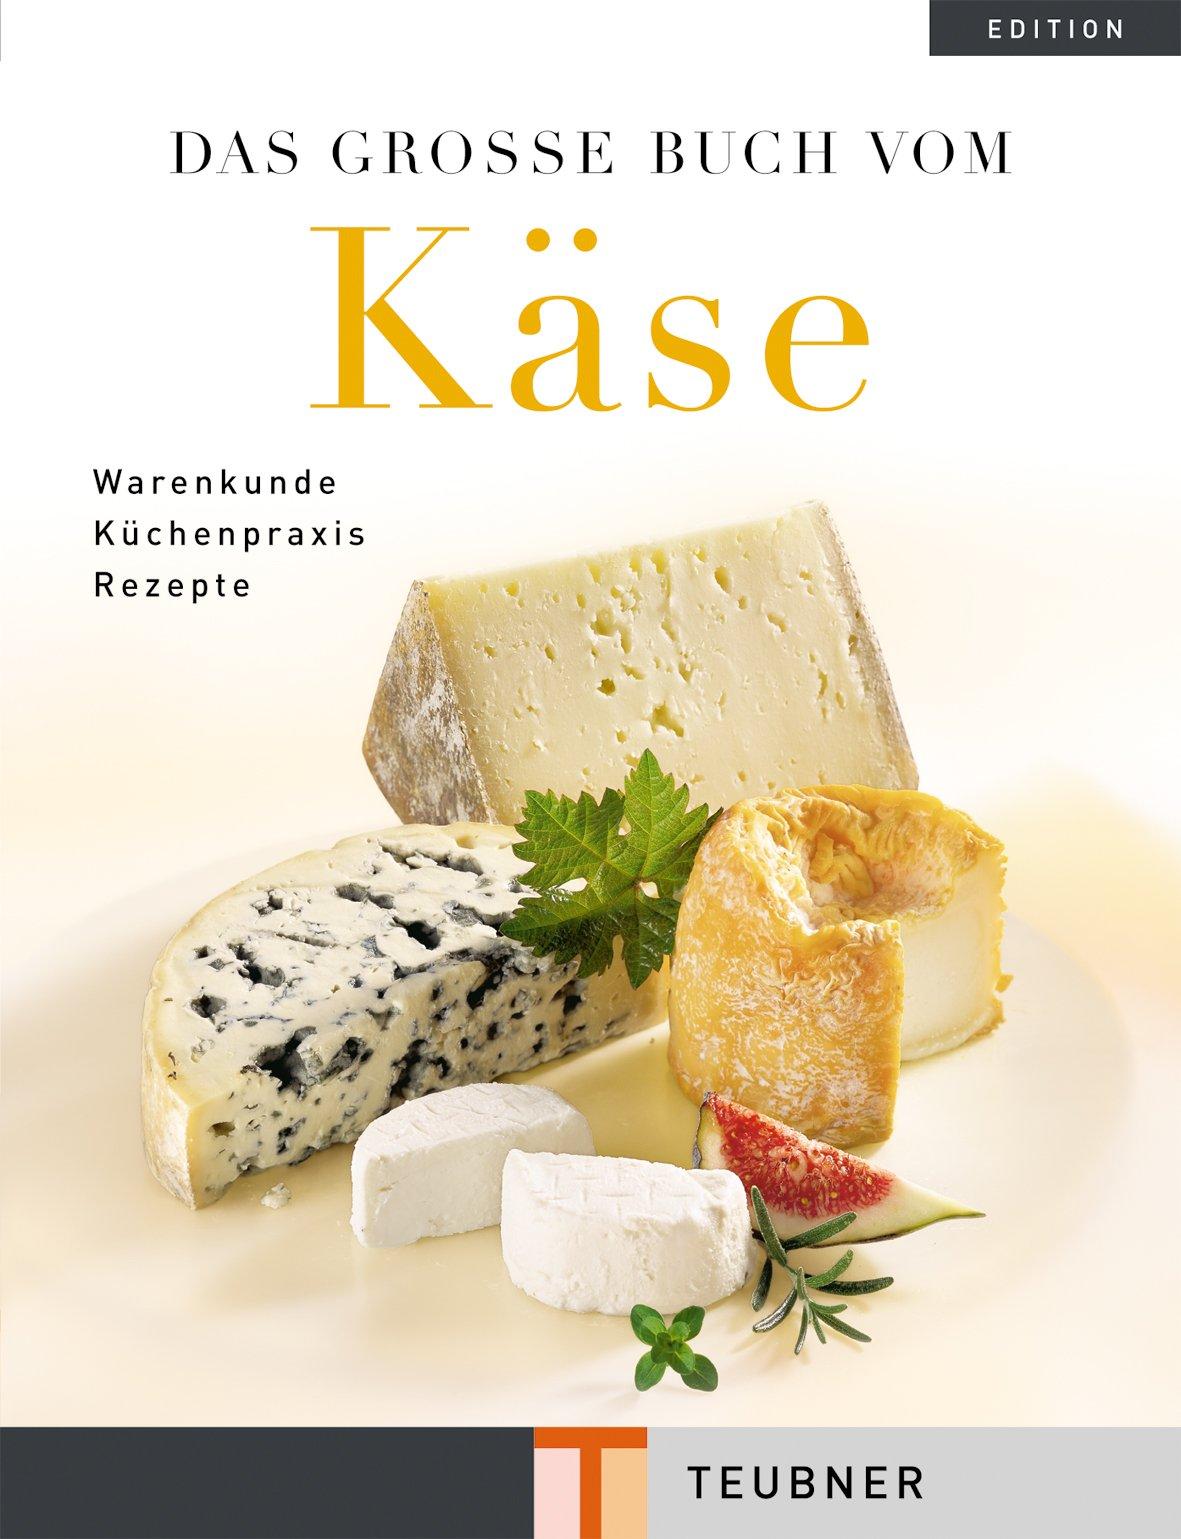 Das große Buch vom Käse. Warenkunde Küchenpraxis Rezepte